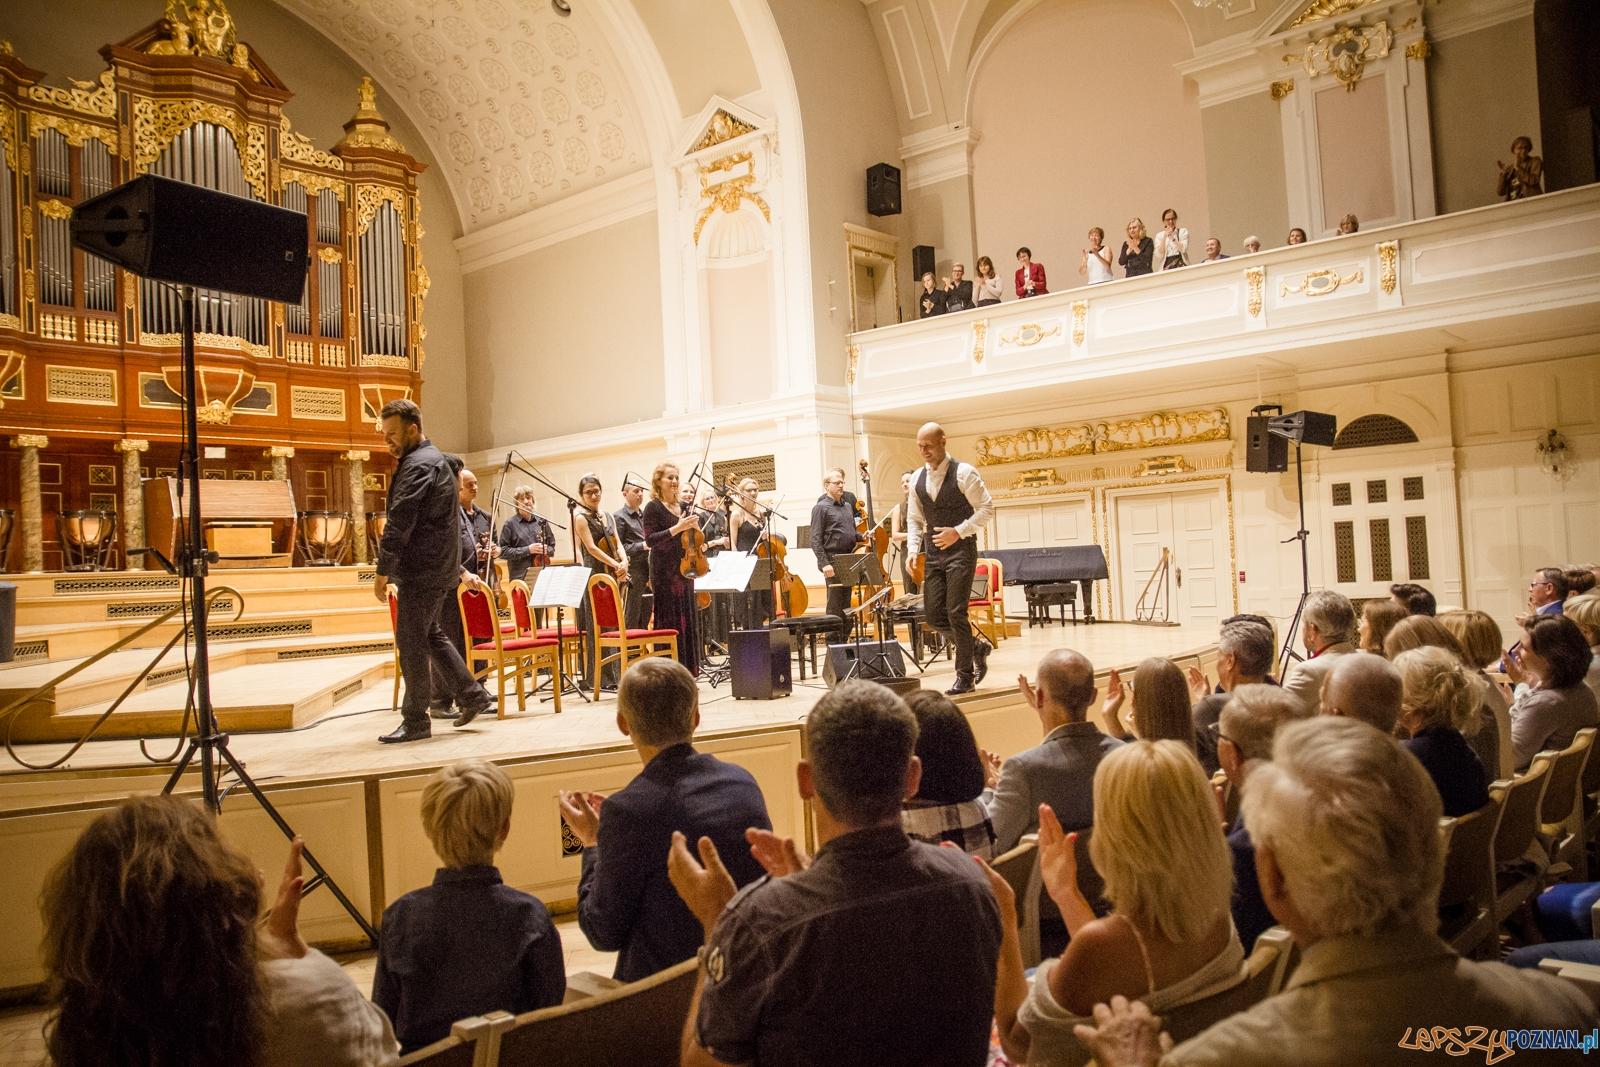 Inauguracja Akademii Gitary (12.08.2017)  Foto: © lepszyPOZNAN.pl / Karolina Kiraga